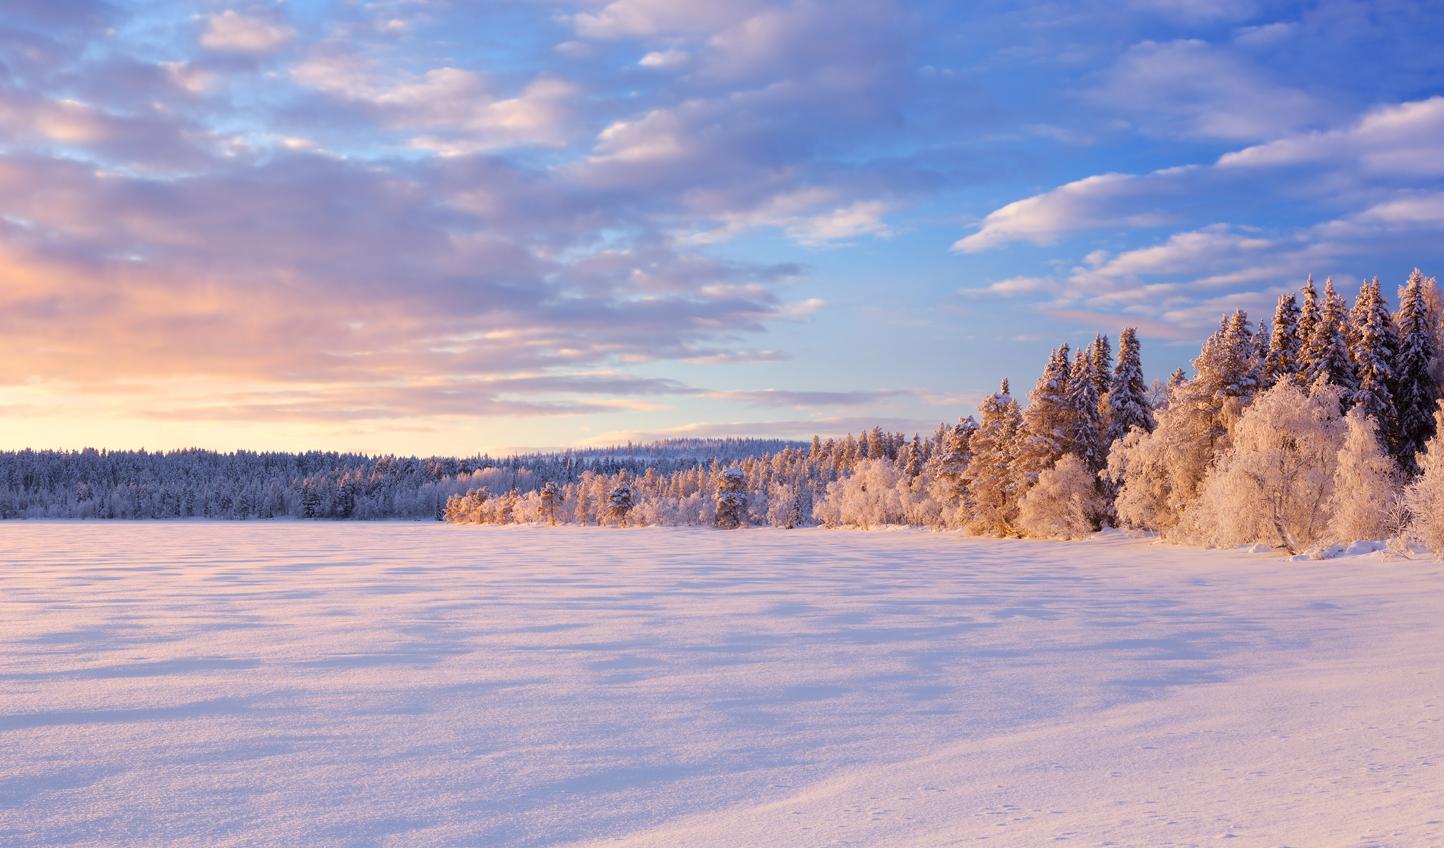 Venture across frozen landscapes